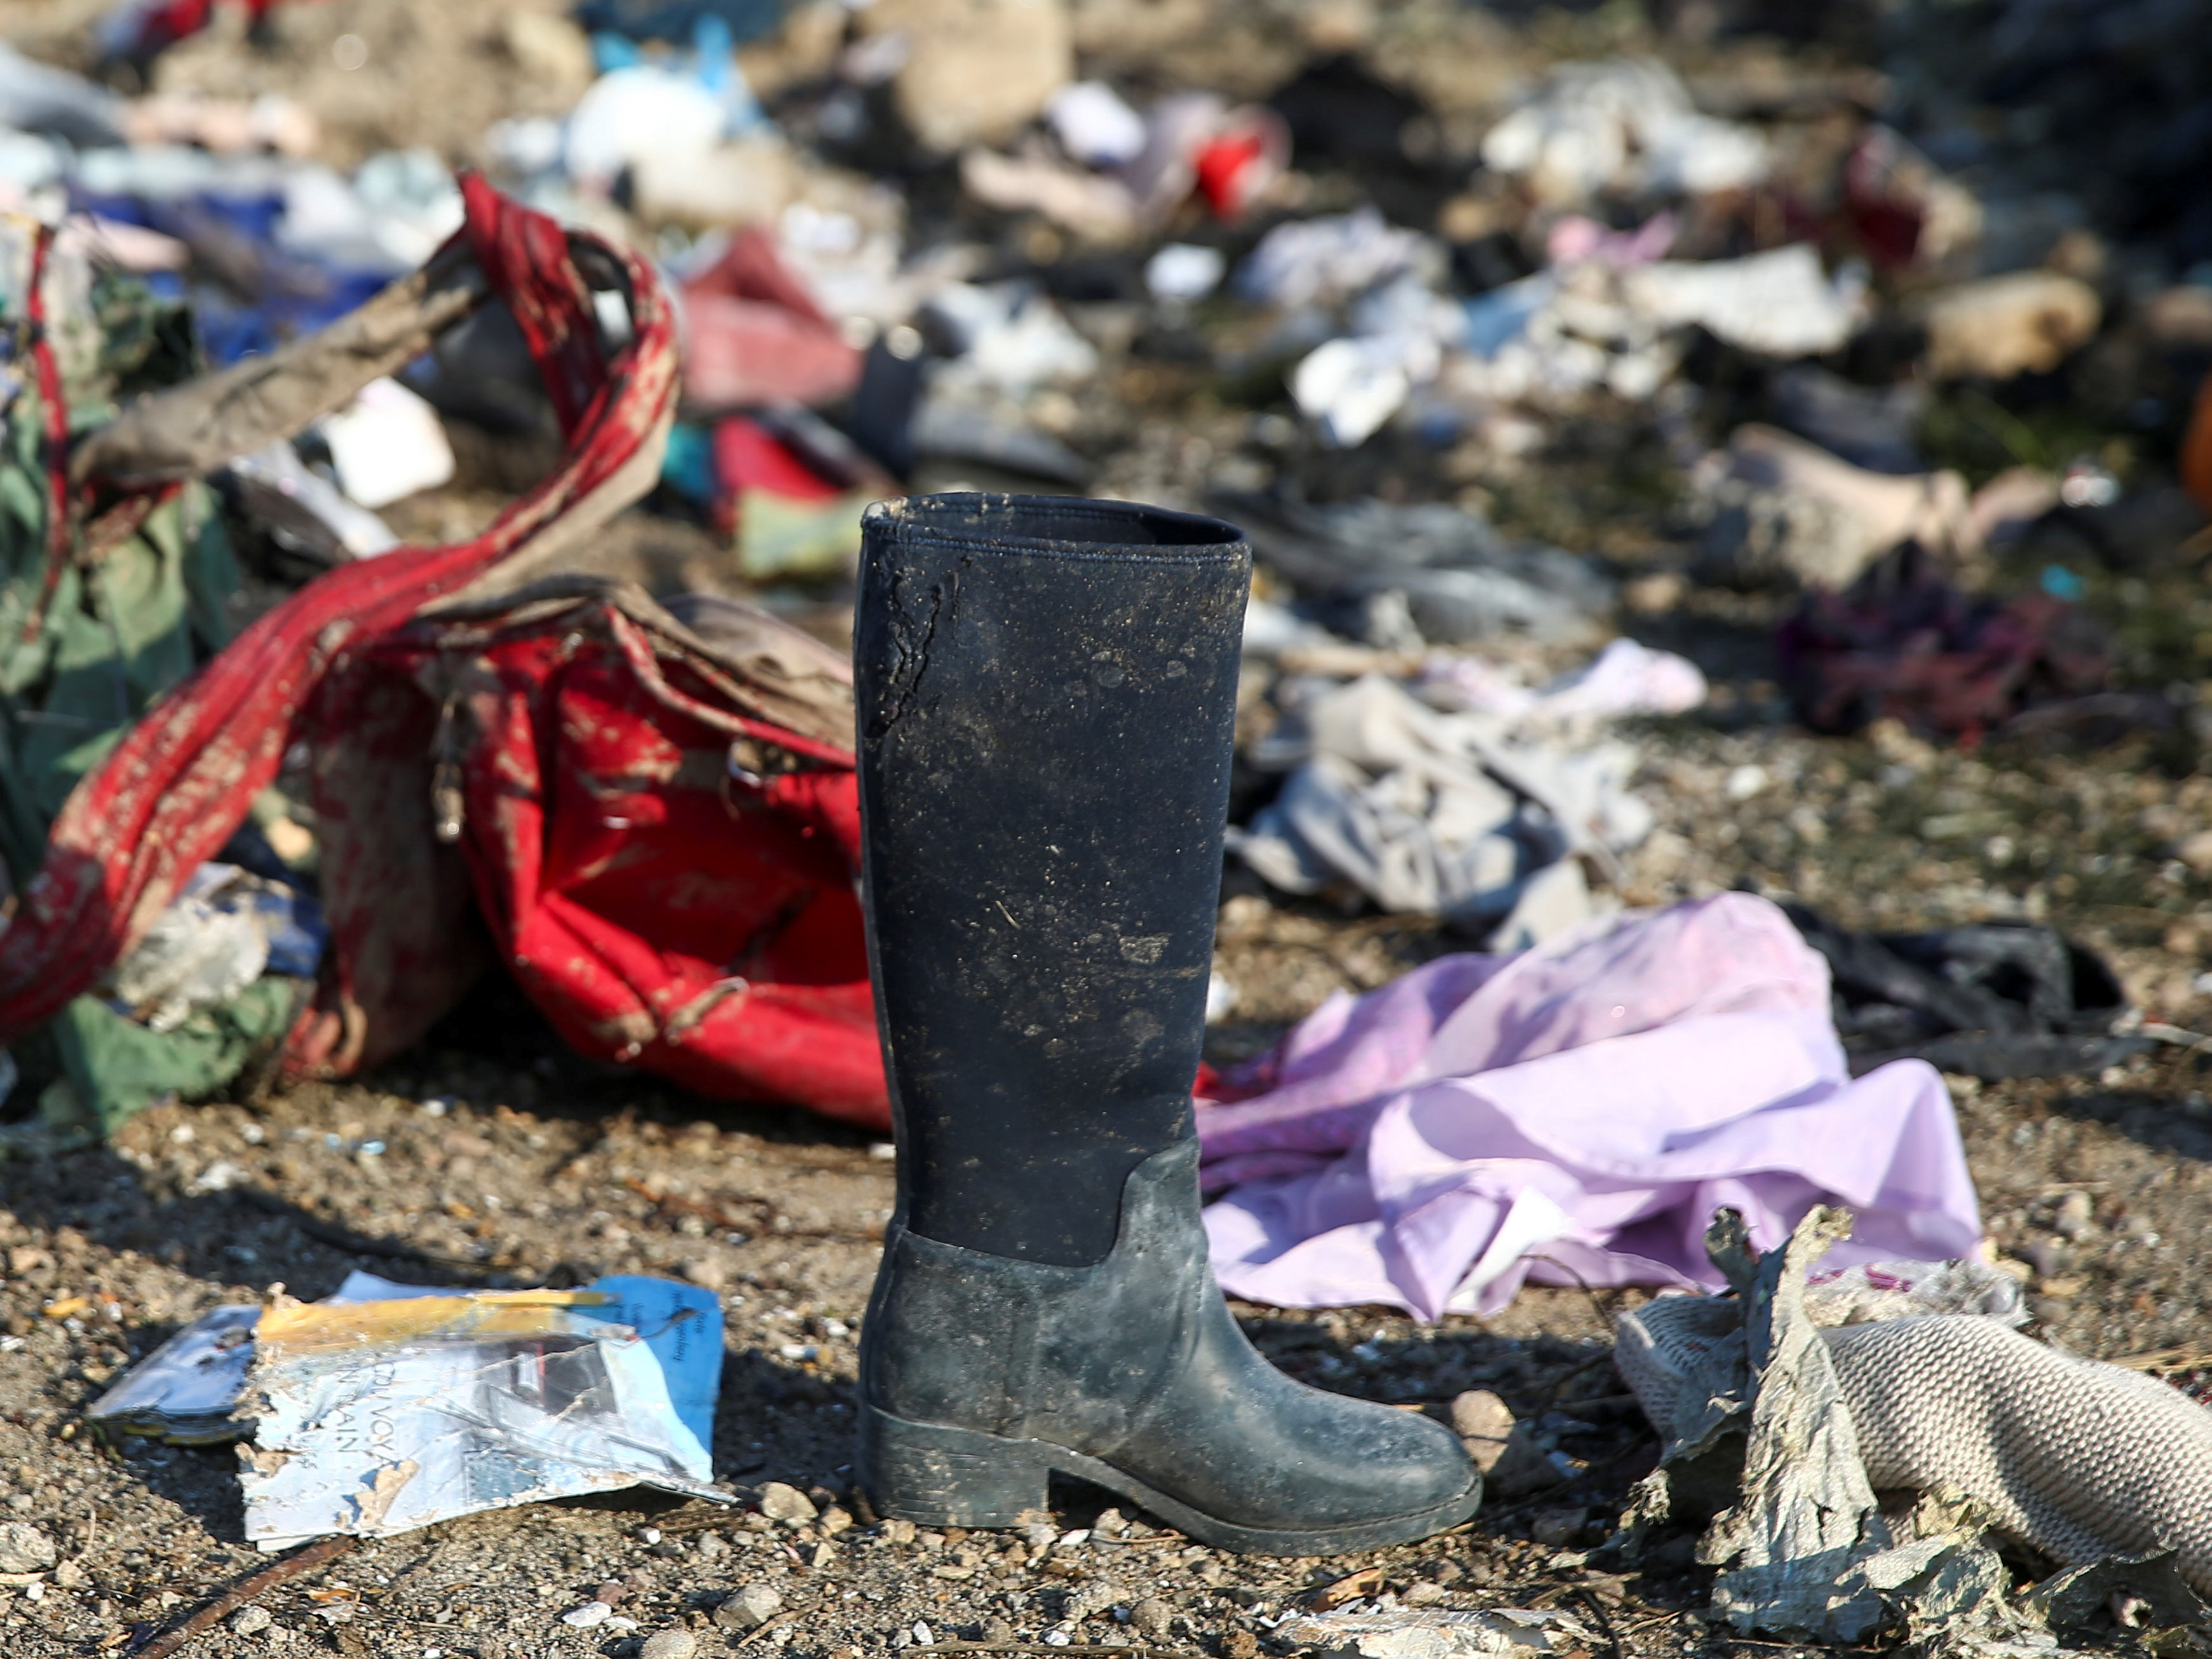 Pertenencias de los pasajeros que murieron en el accidente (REUTERS)